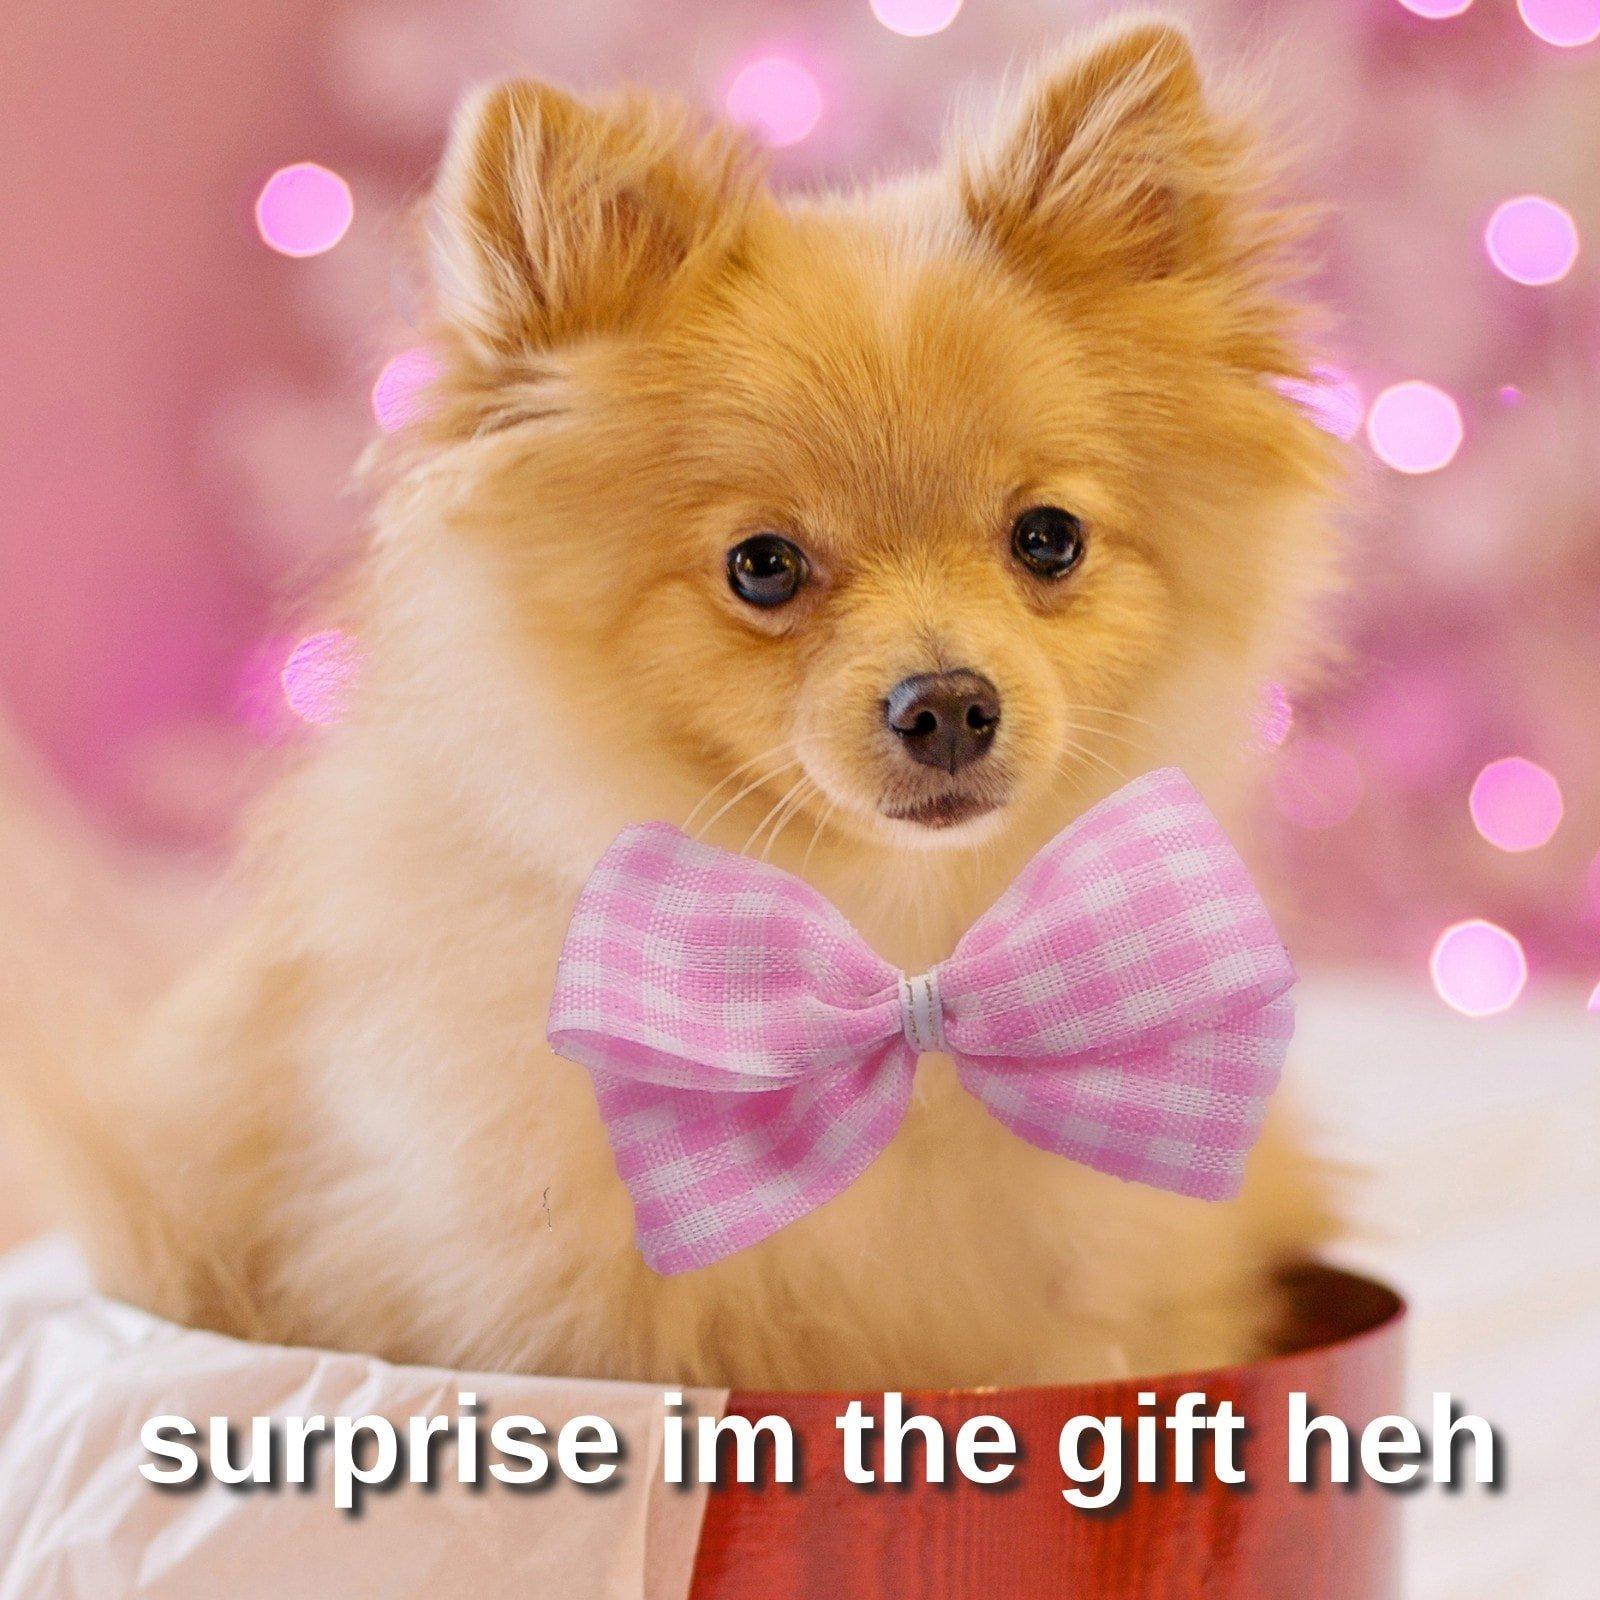 Dog Surprise Gift Square Animal Meme